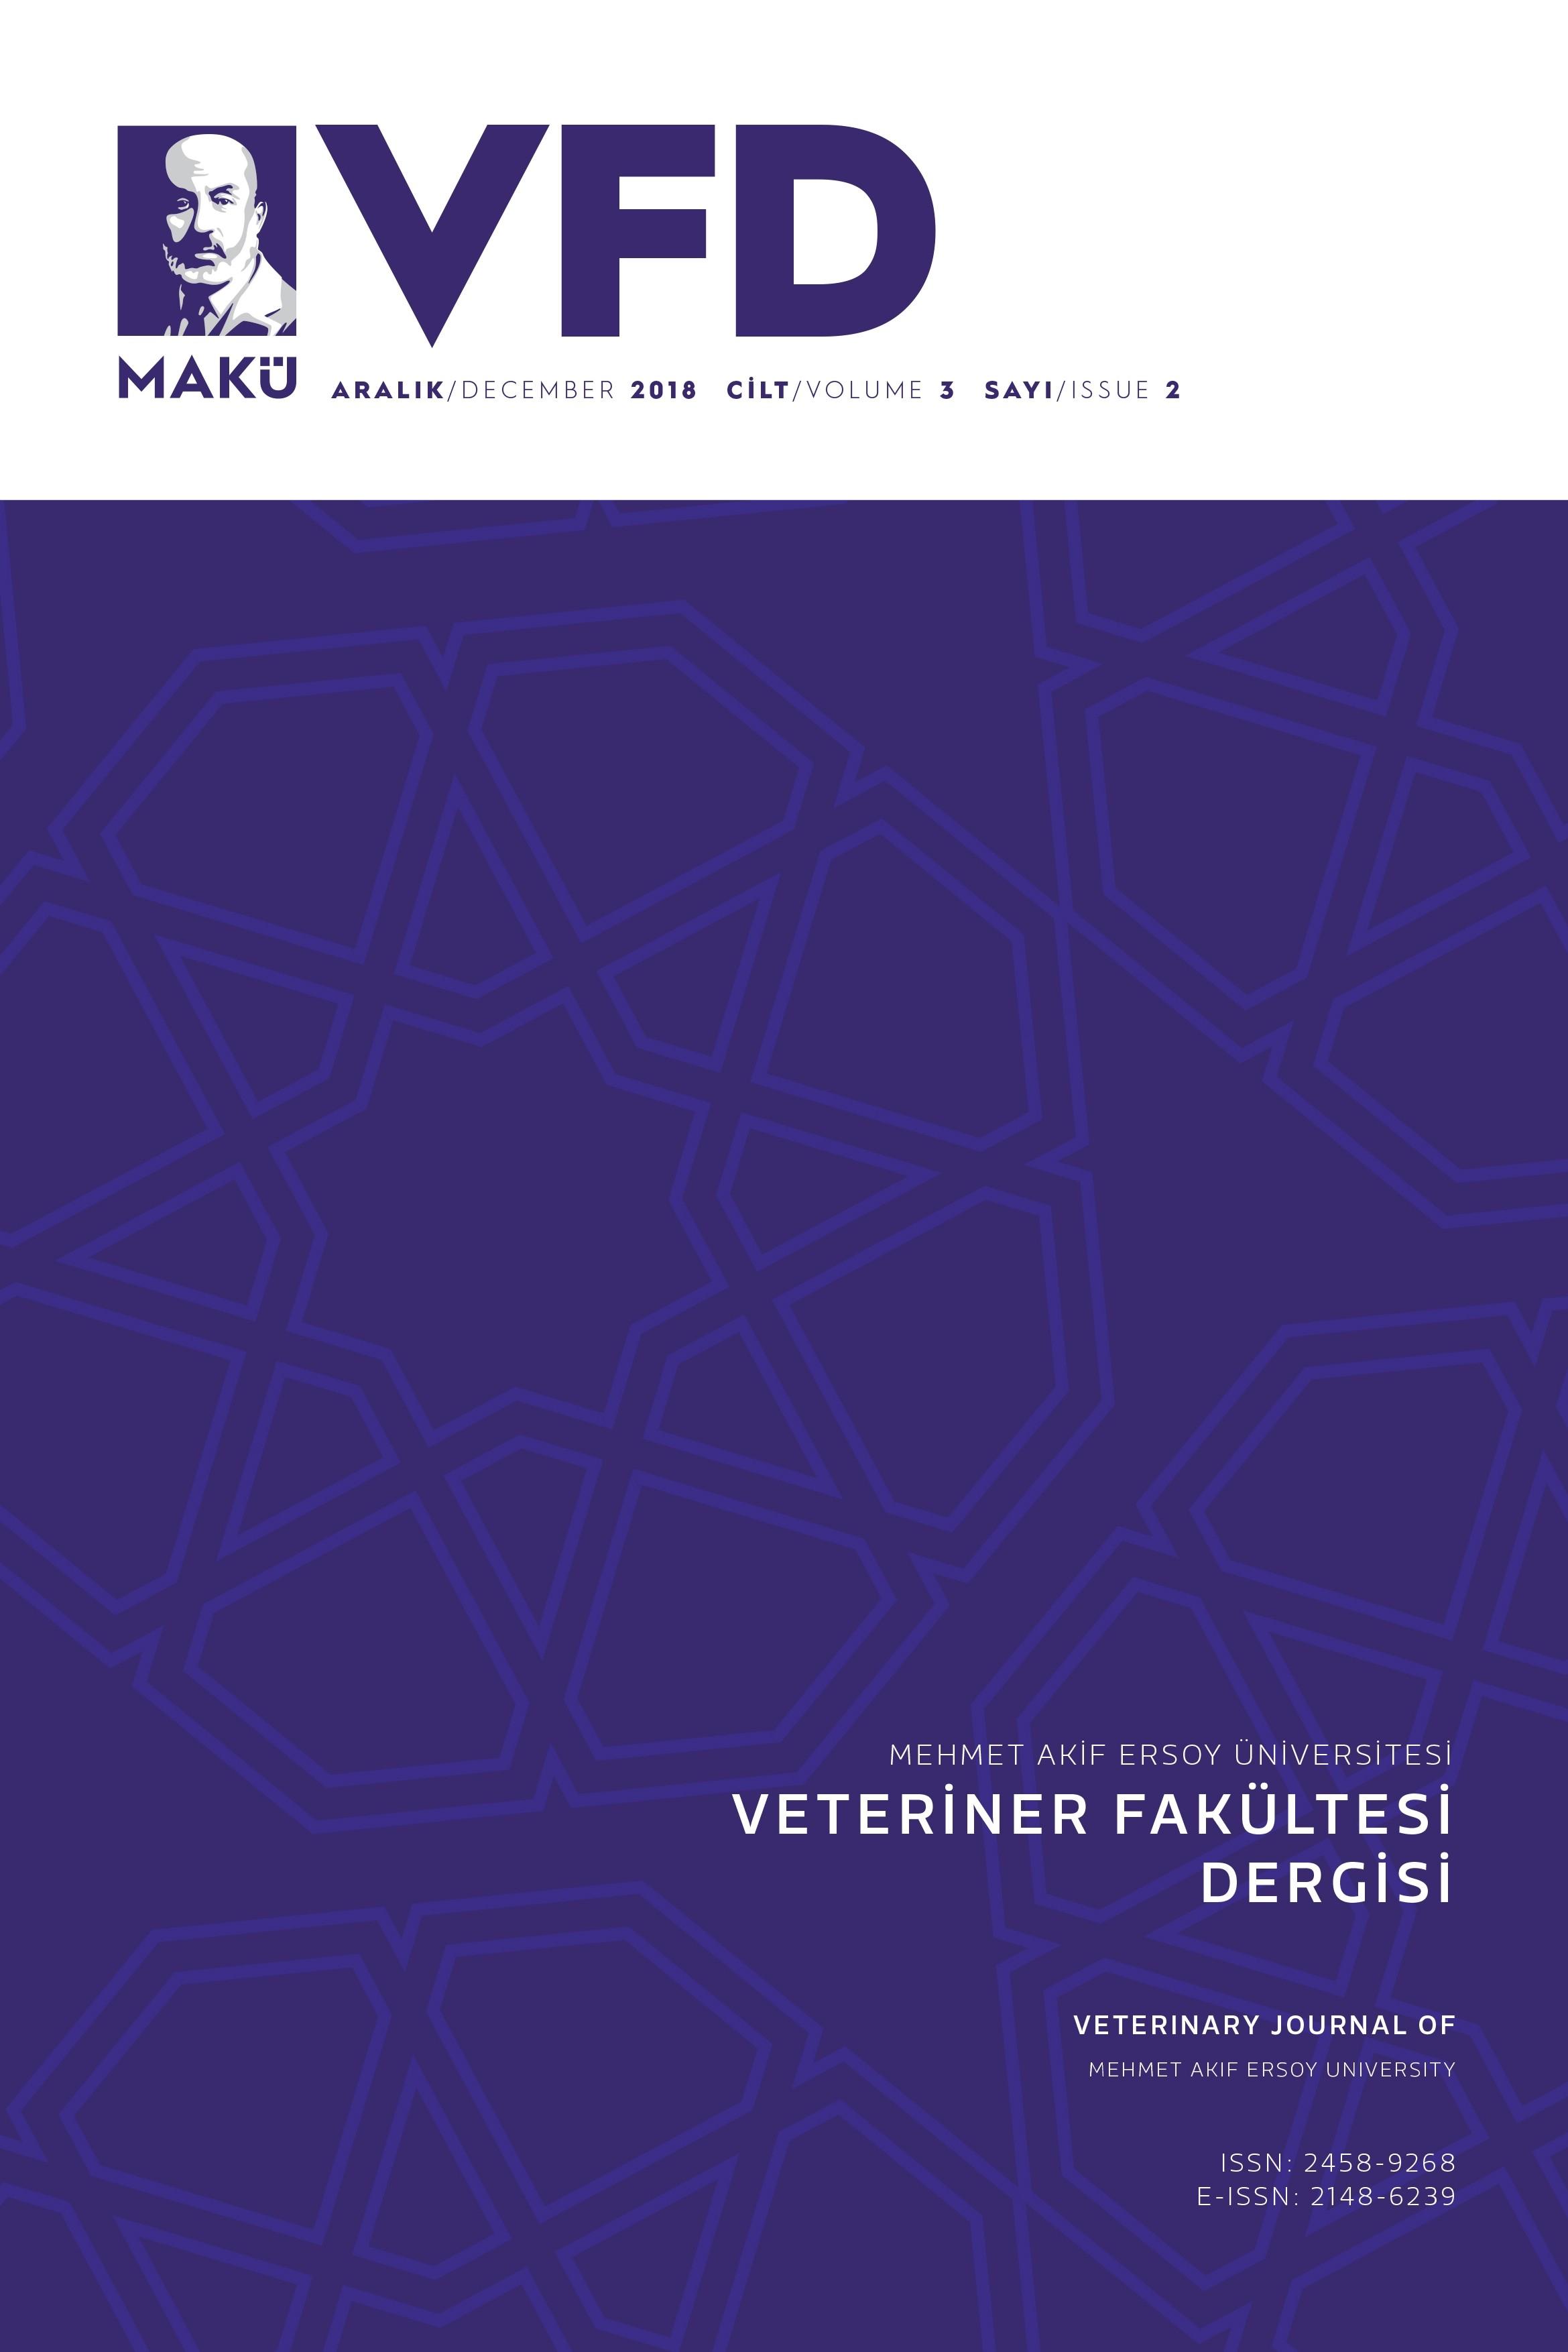 Veterinary Journal of Mehmet Akif Ersoy University